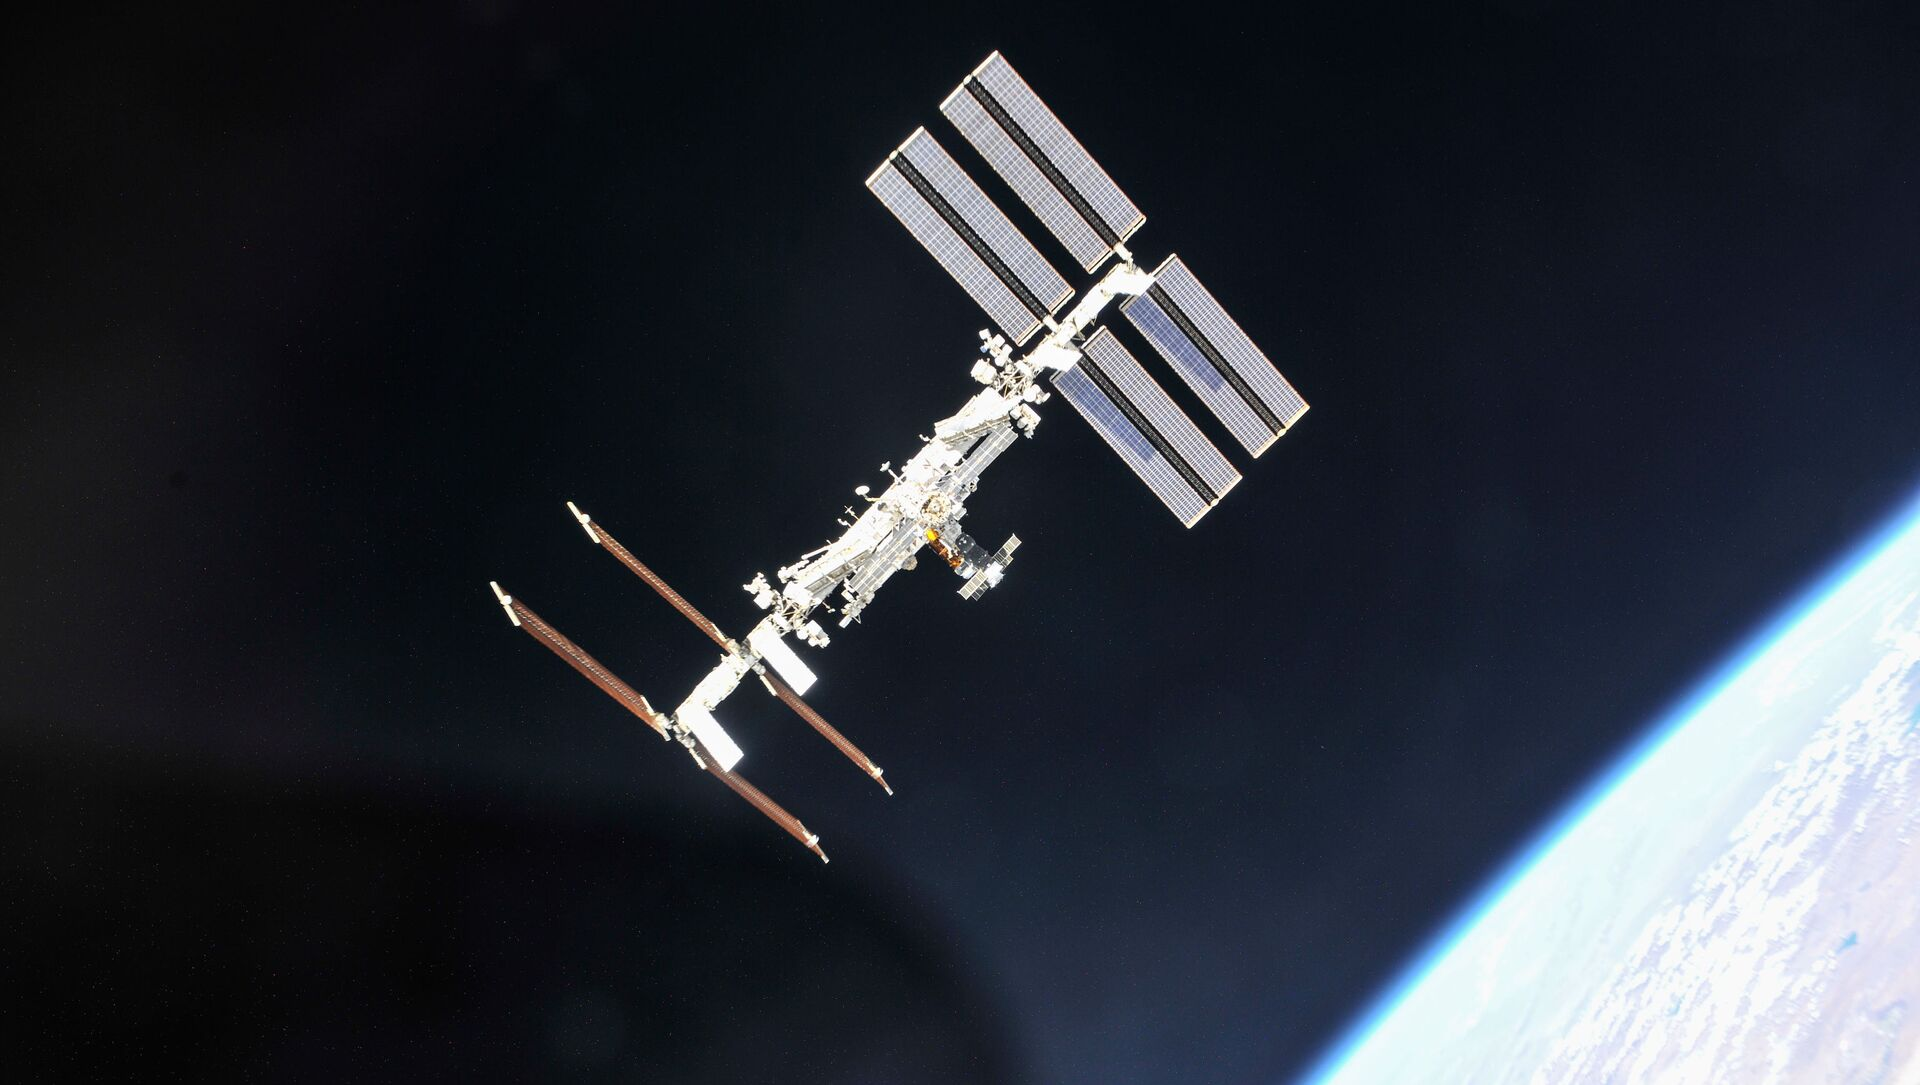 Stazione spaziale internazionale fotografata da una sonda Soyuz  - Sputnik Italia, 1920, 18.05.2021